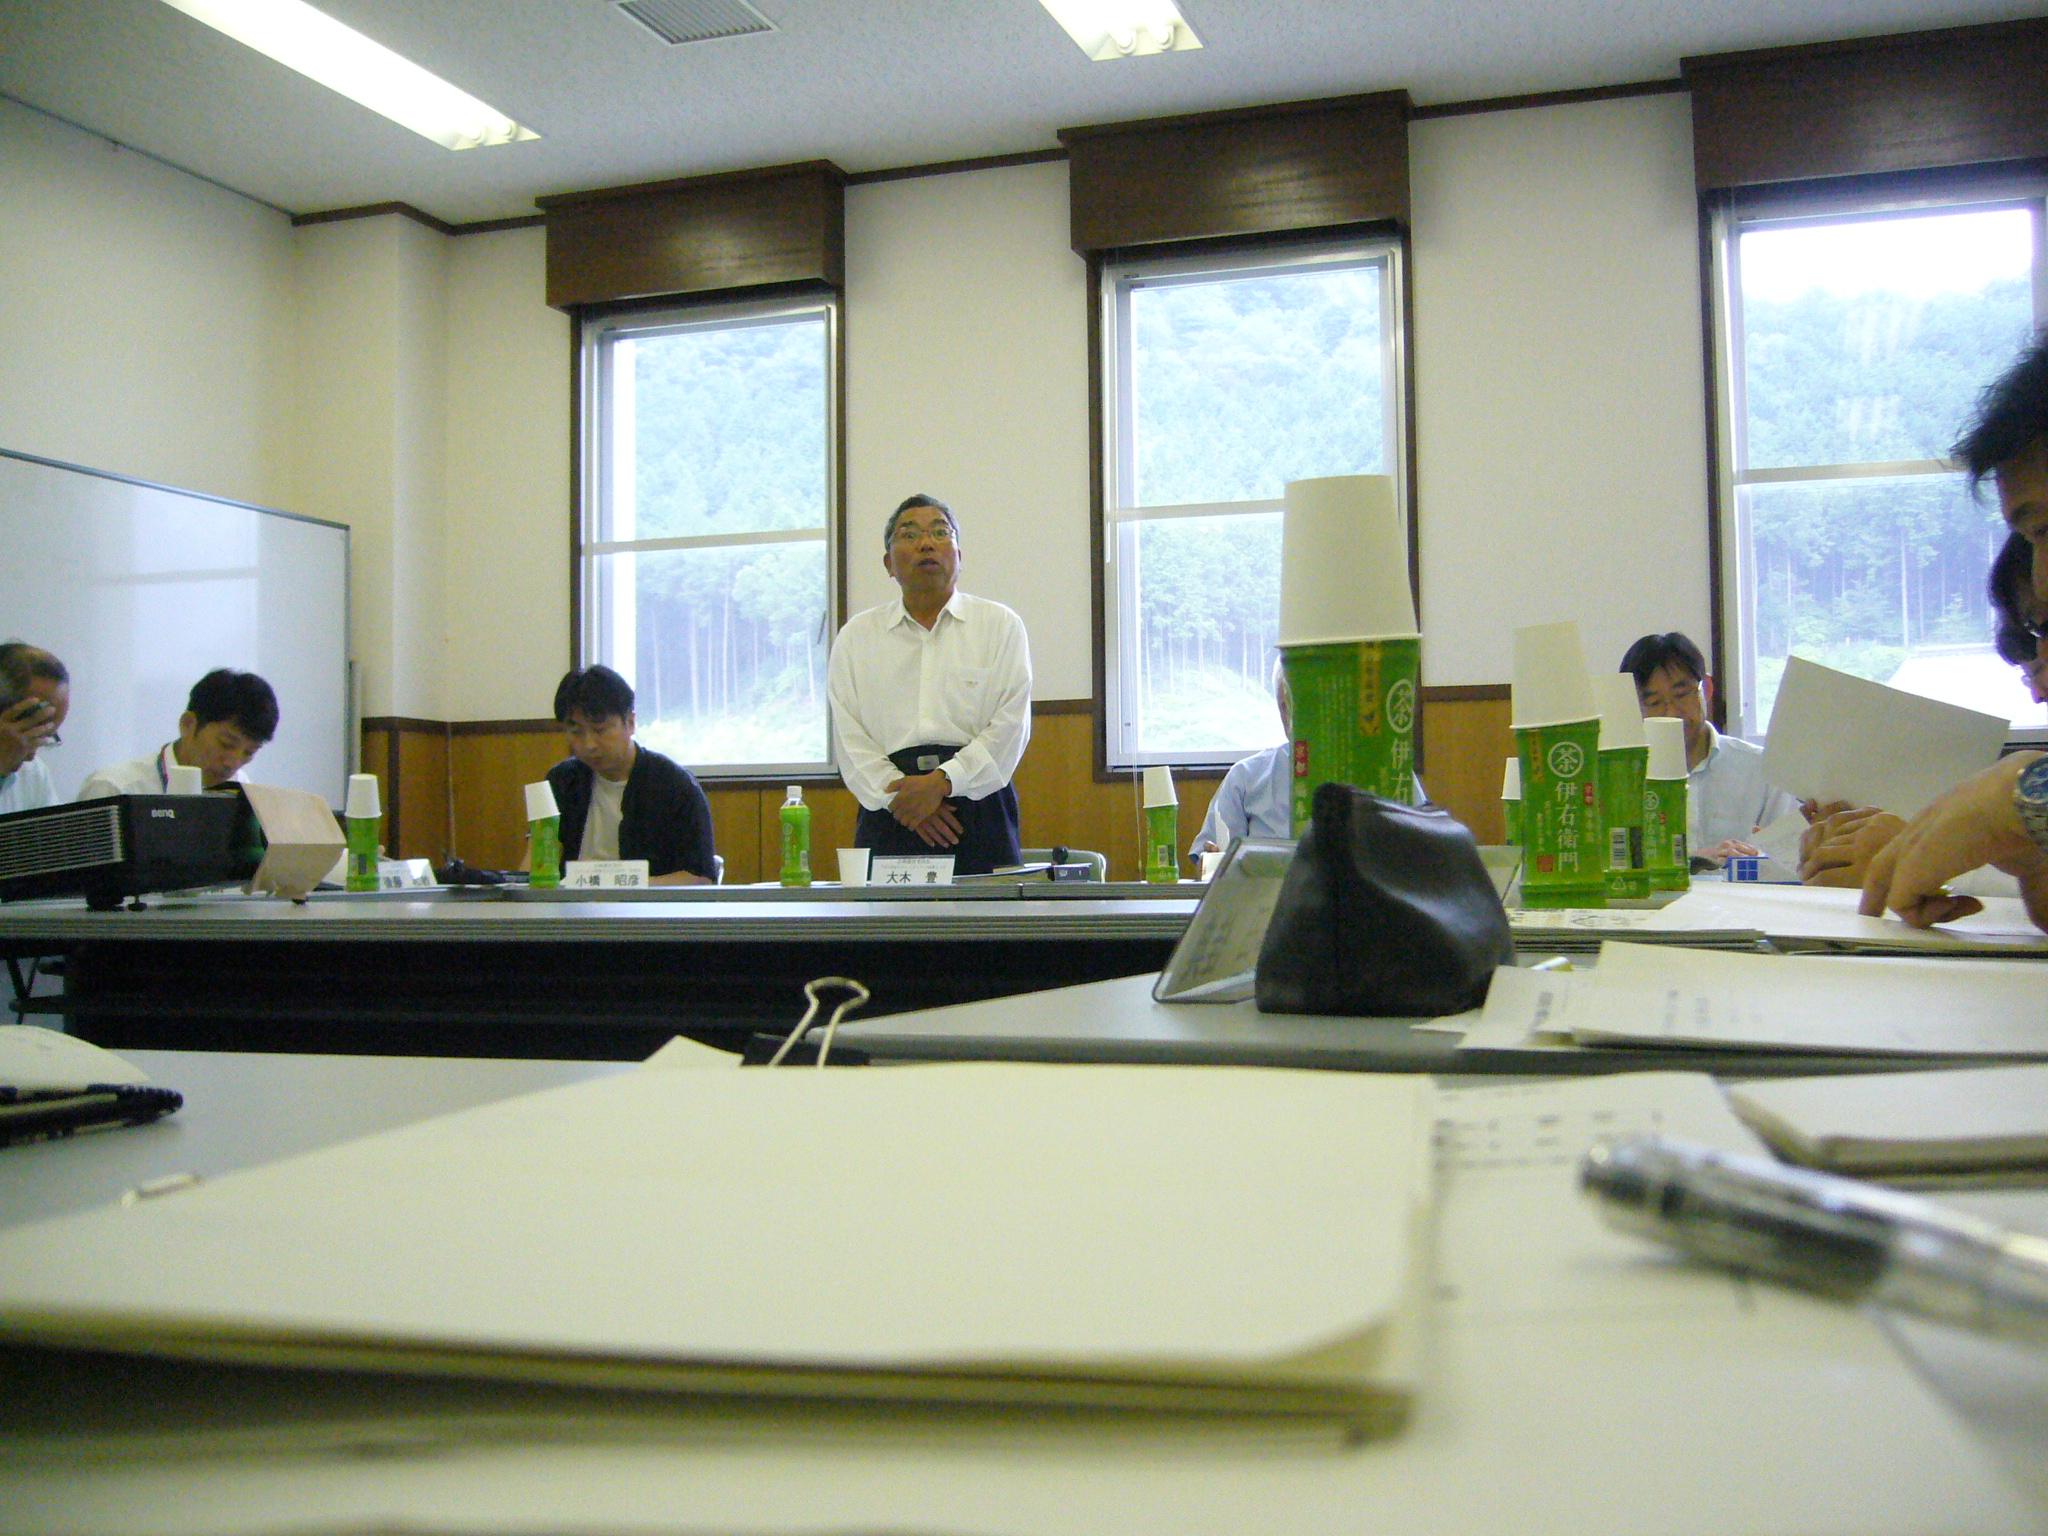 平成24年度 第1回企画運営委員会・幹事会合同会議を開催しました